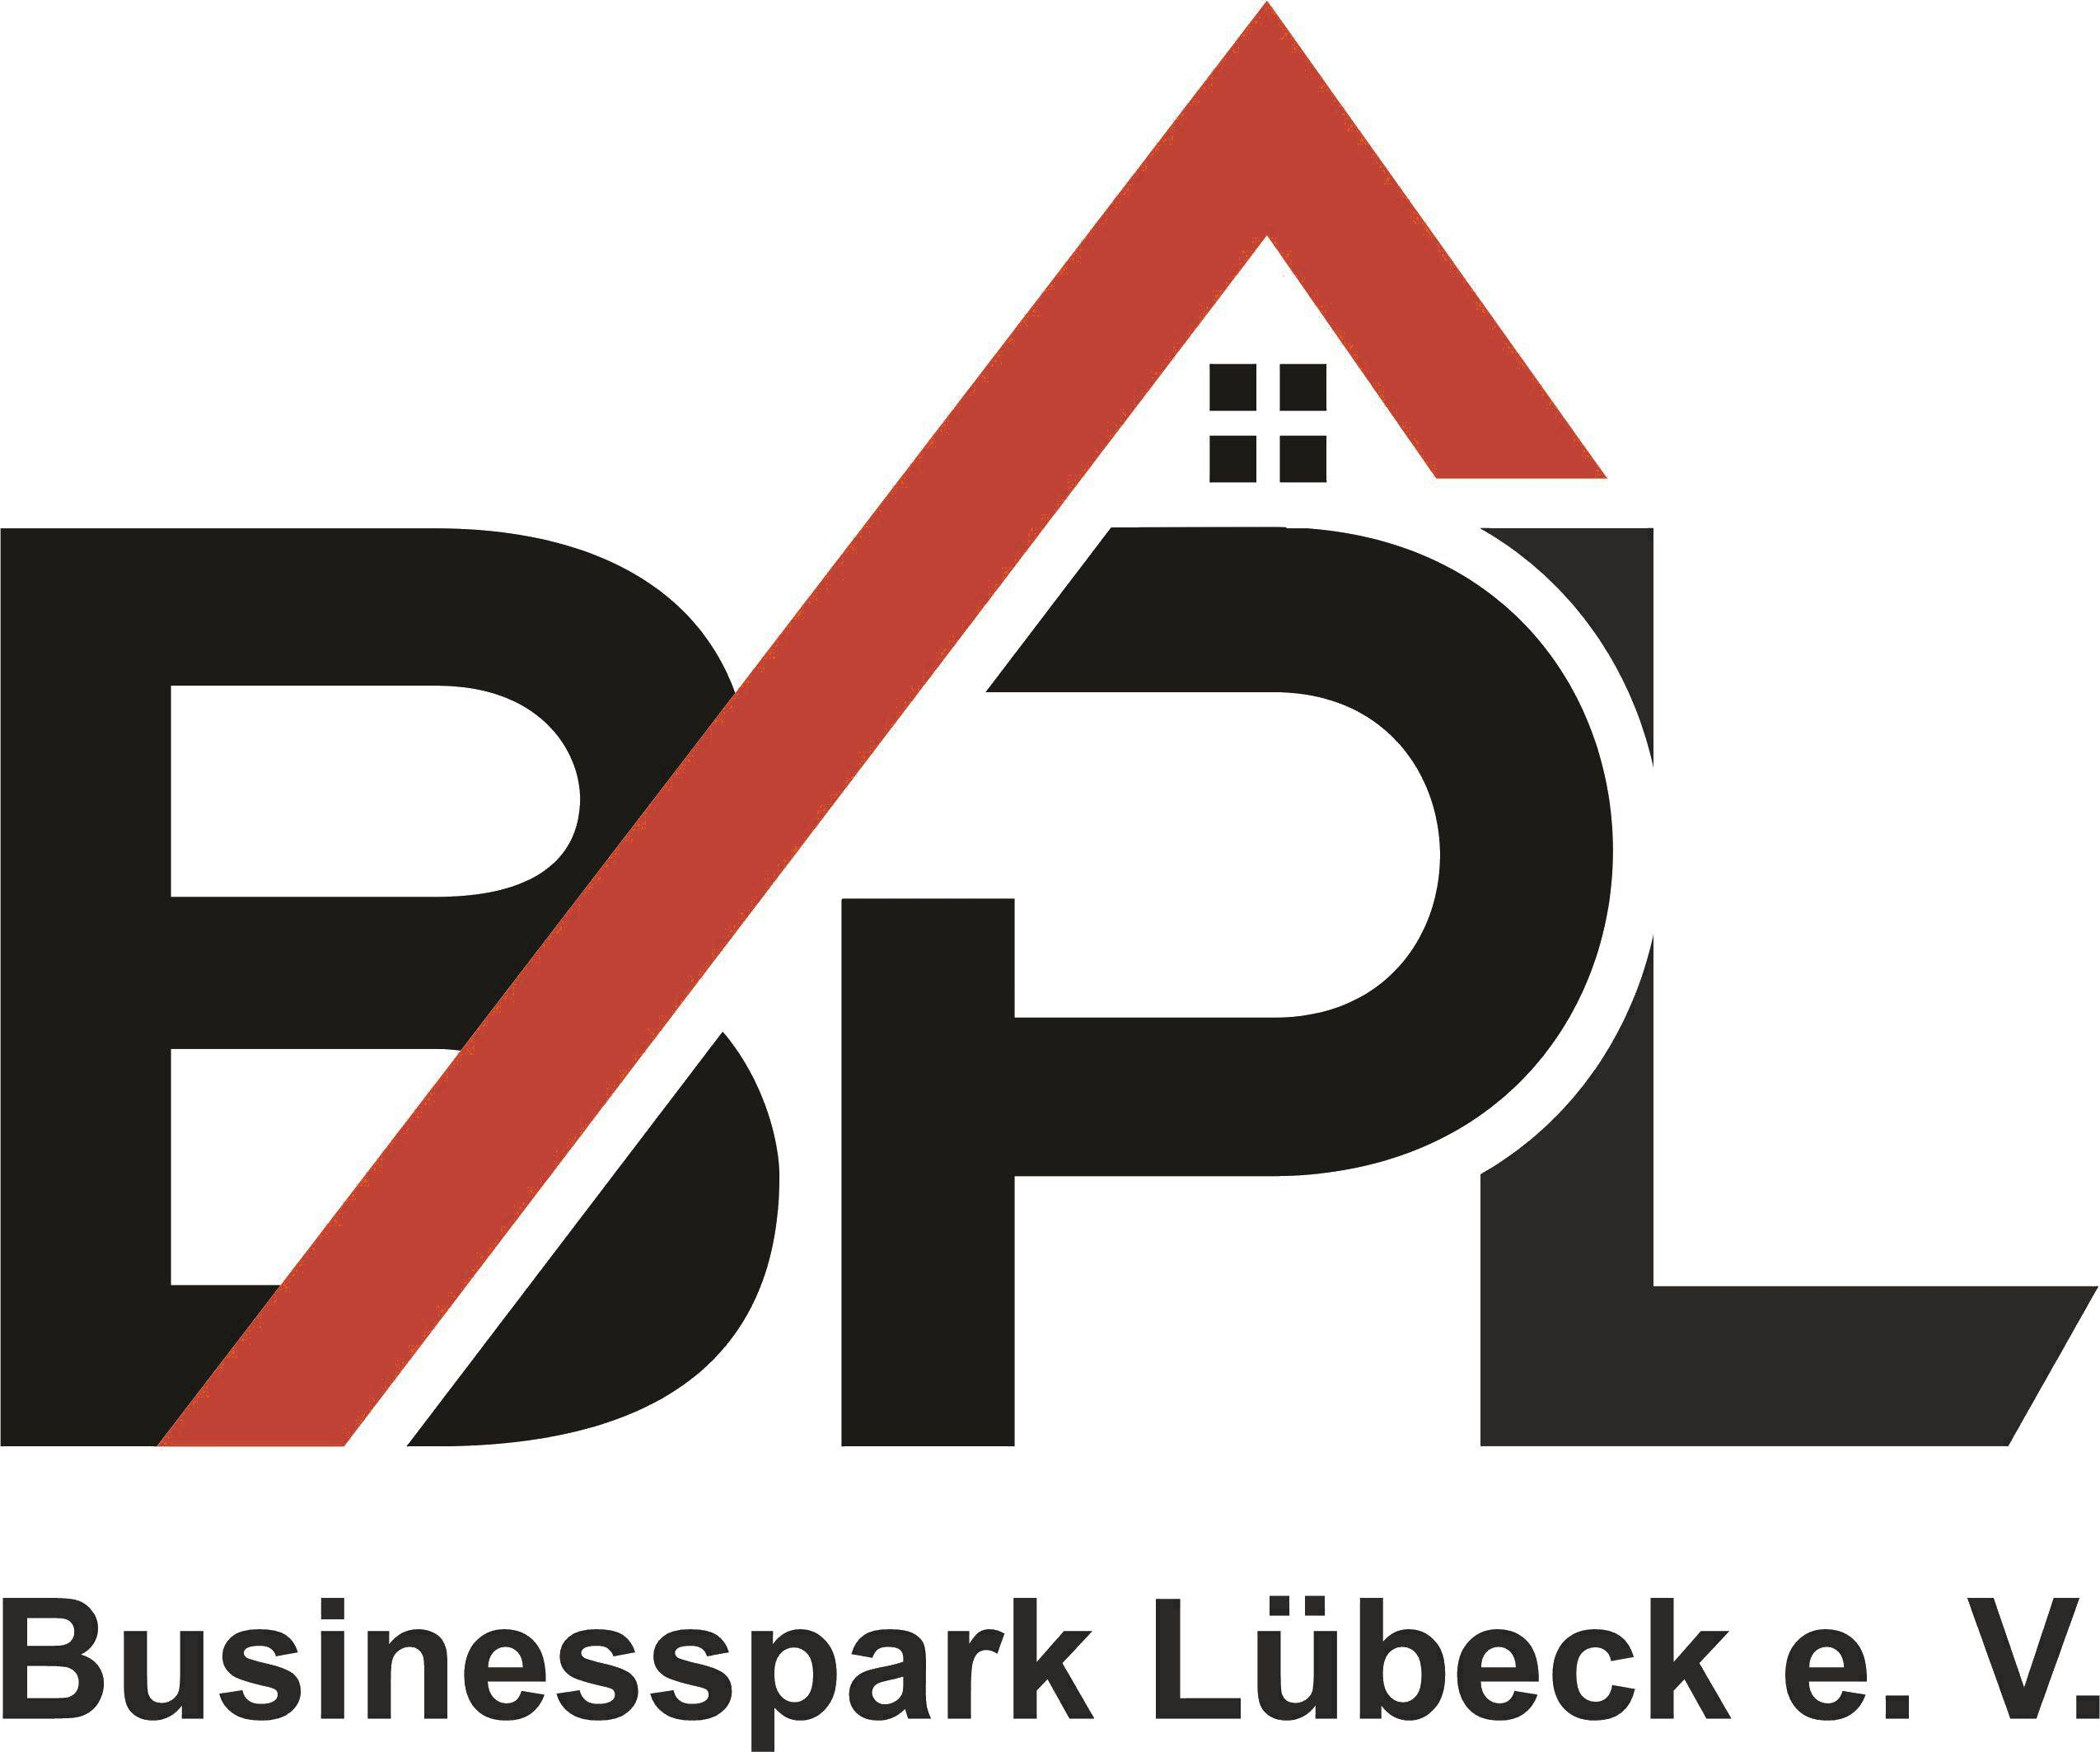 Businesspark Lübeck e. V.